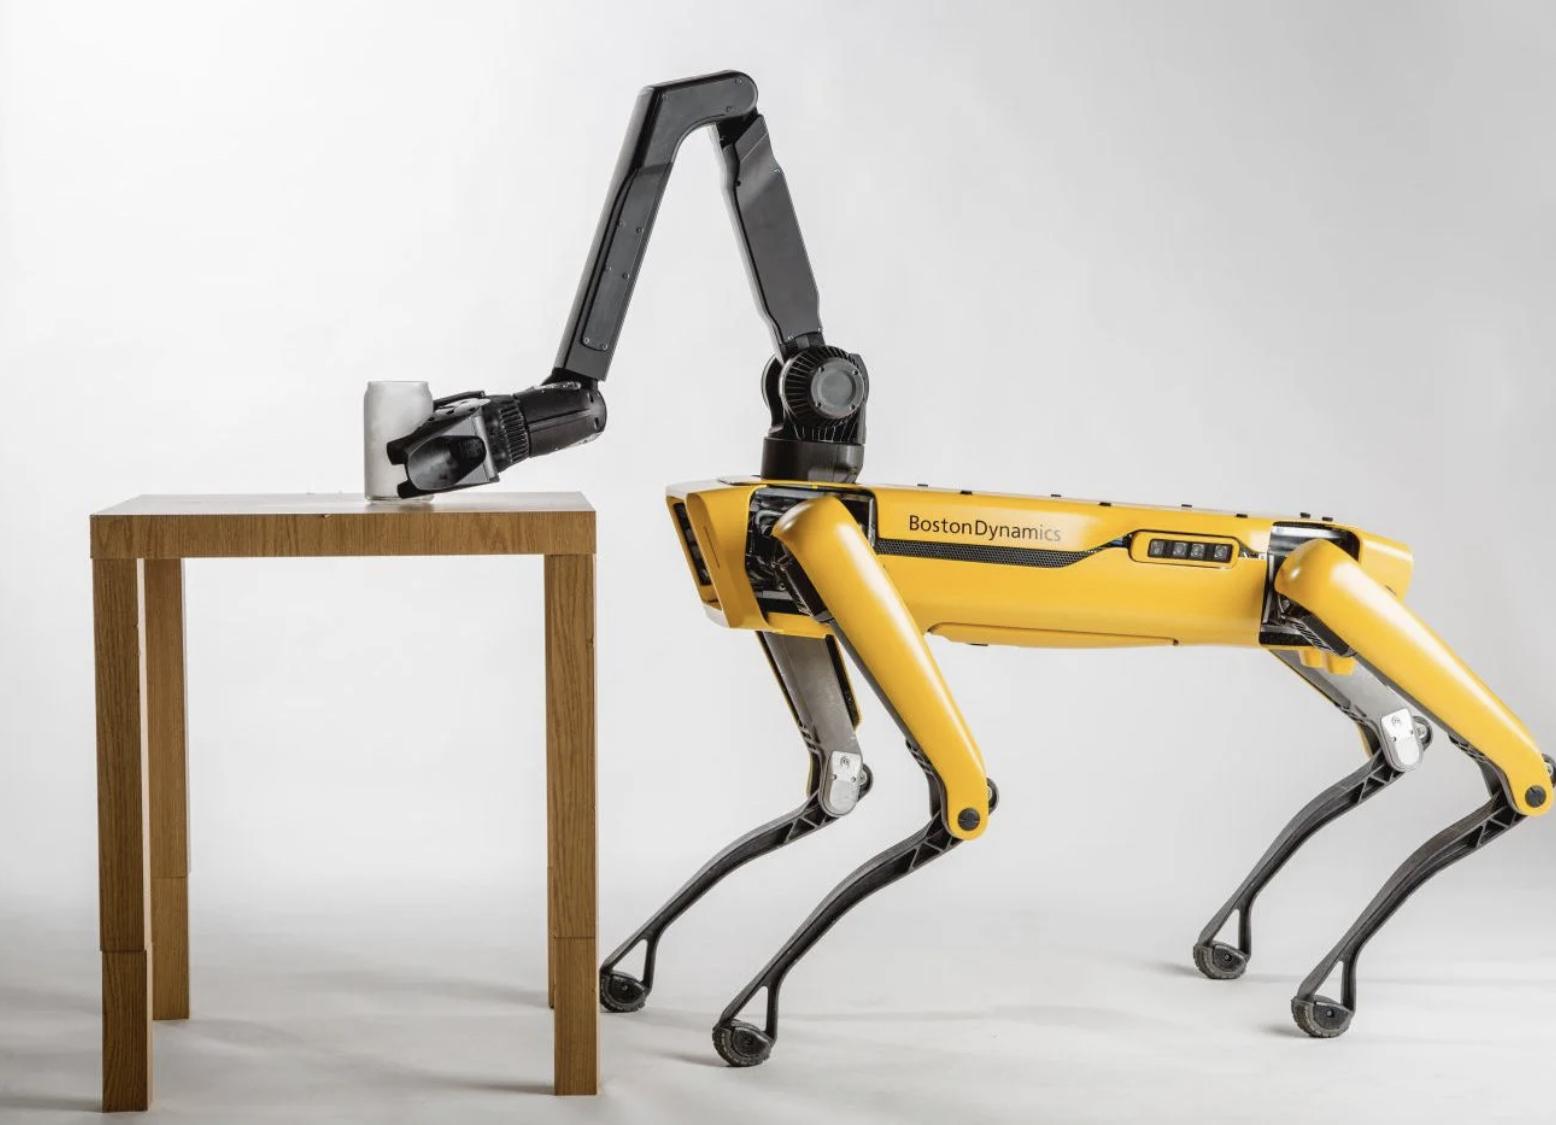 Hyundai kúpil Boston Dynamics - Spot | Foto: Boston Dynamics